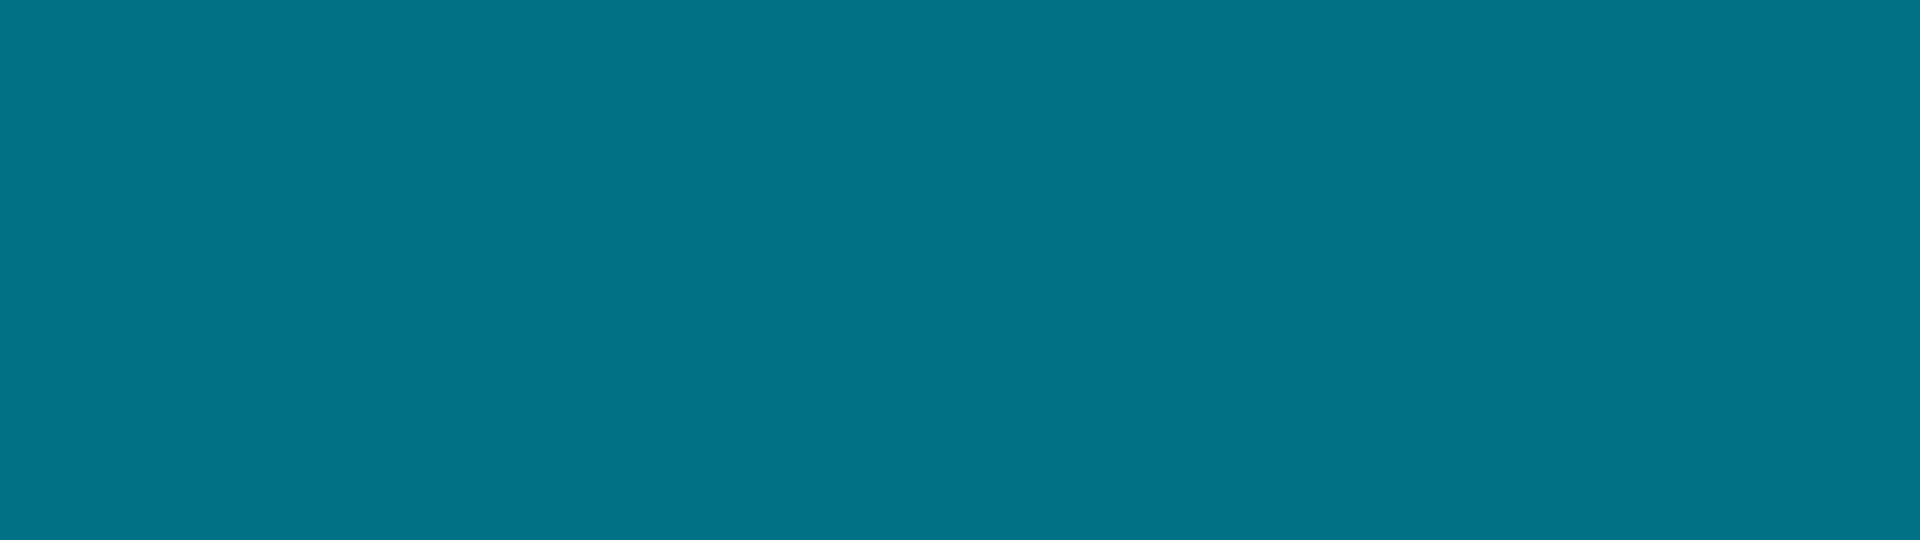 CATEGORY-OFKIR-KOBILERETEKNOLOJIDESTEGI8-20-01